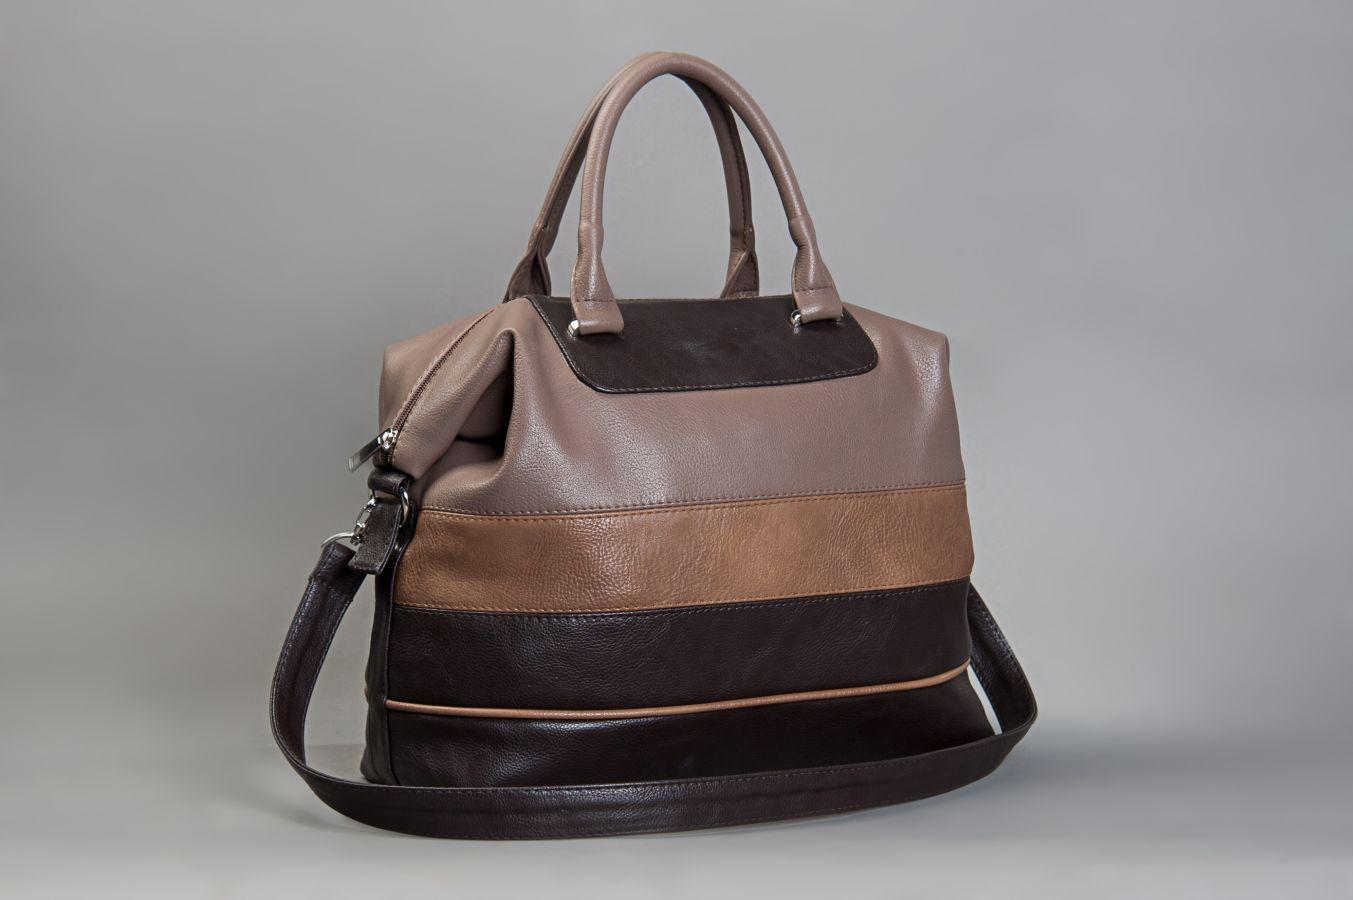 Где в кирове можно купить дорожную сумку СПРАВКА КИРОВА